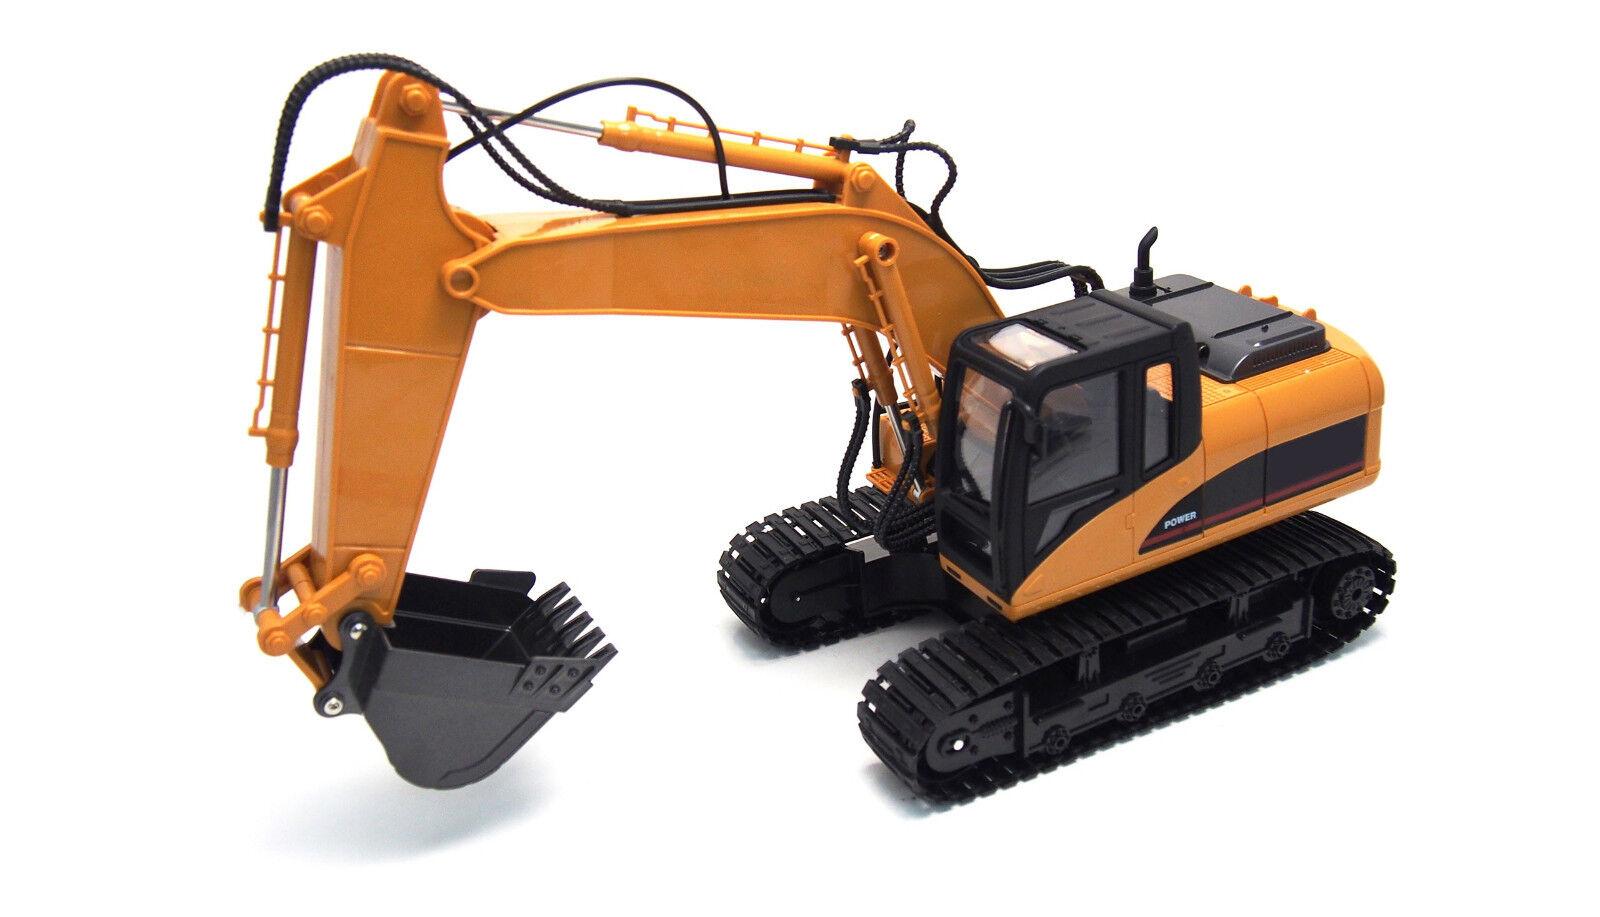 Amewi 22307 Escavatore con pala in metallo scale  1 14, 2,4ghz